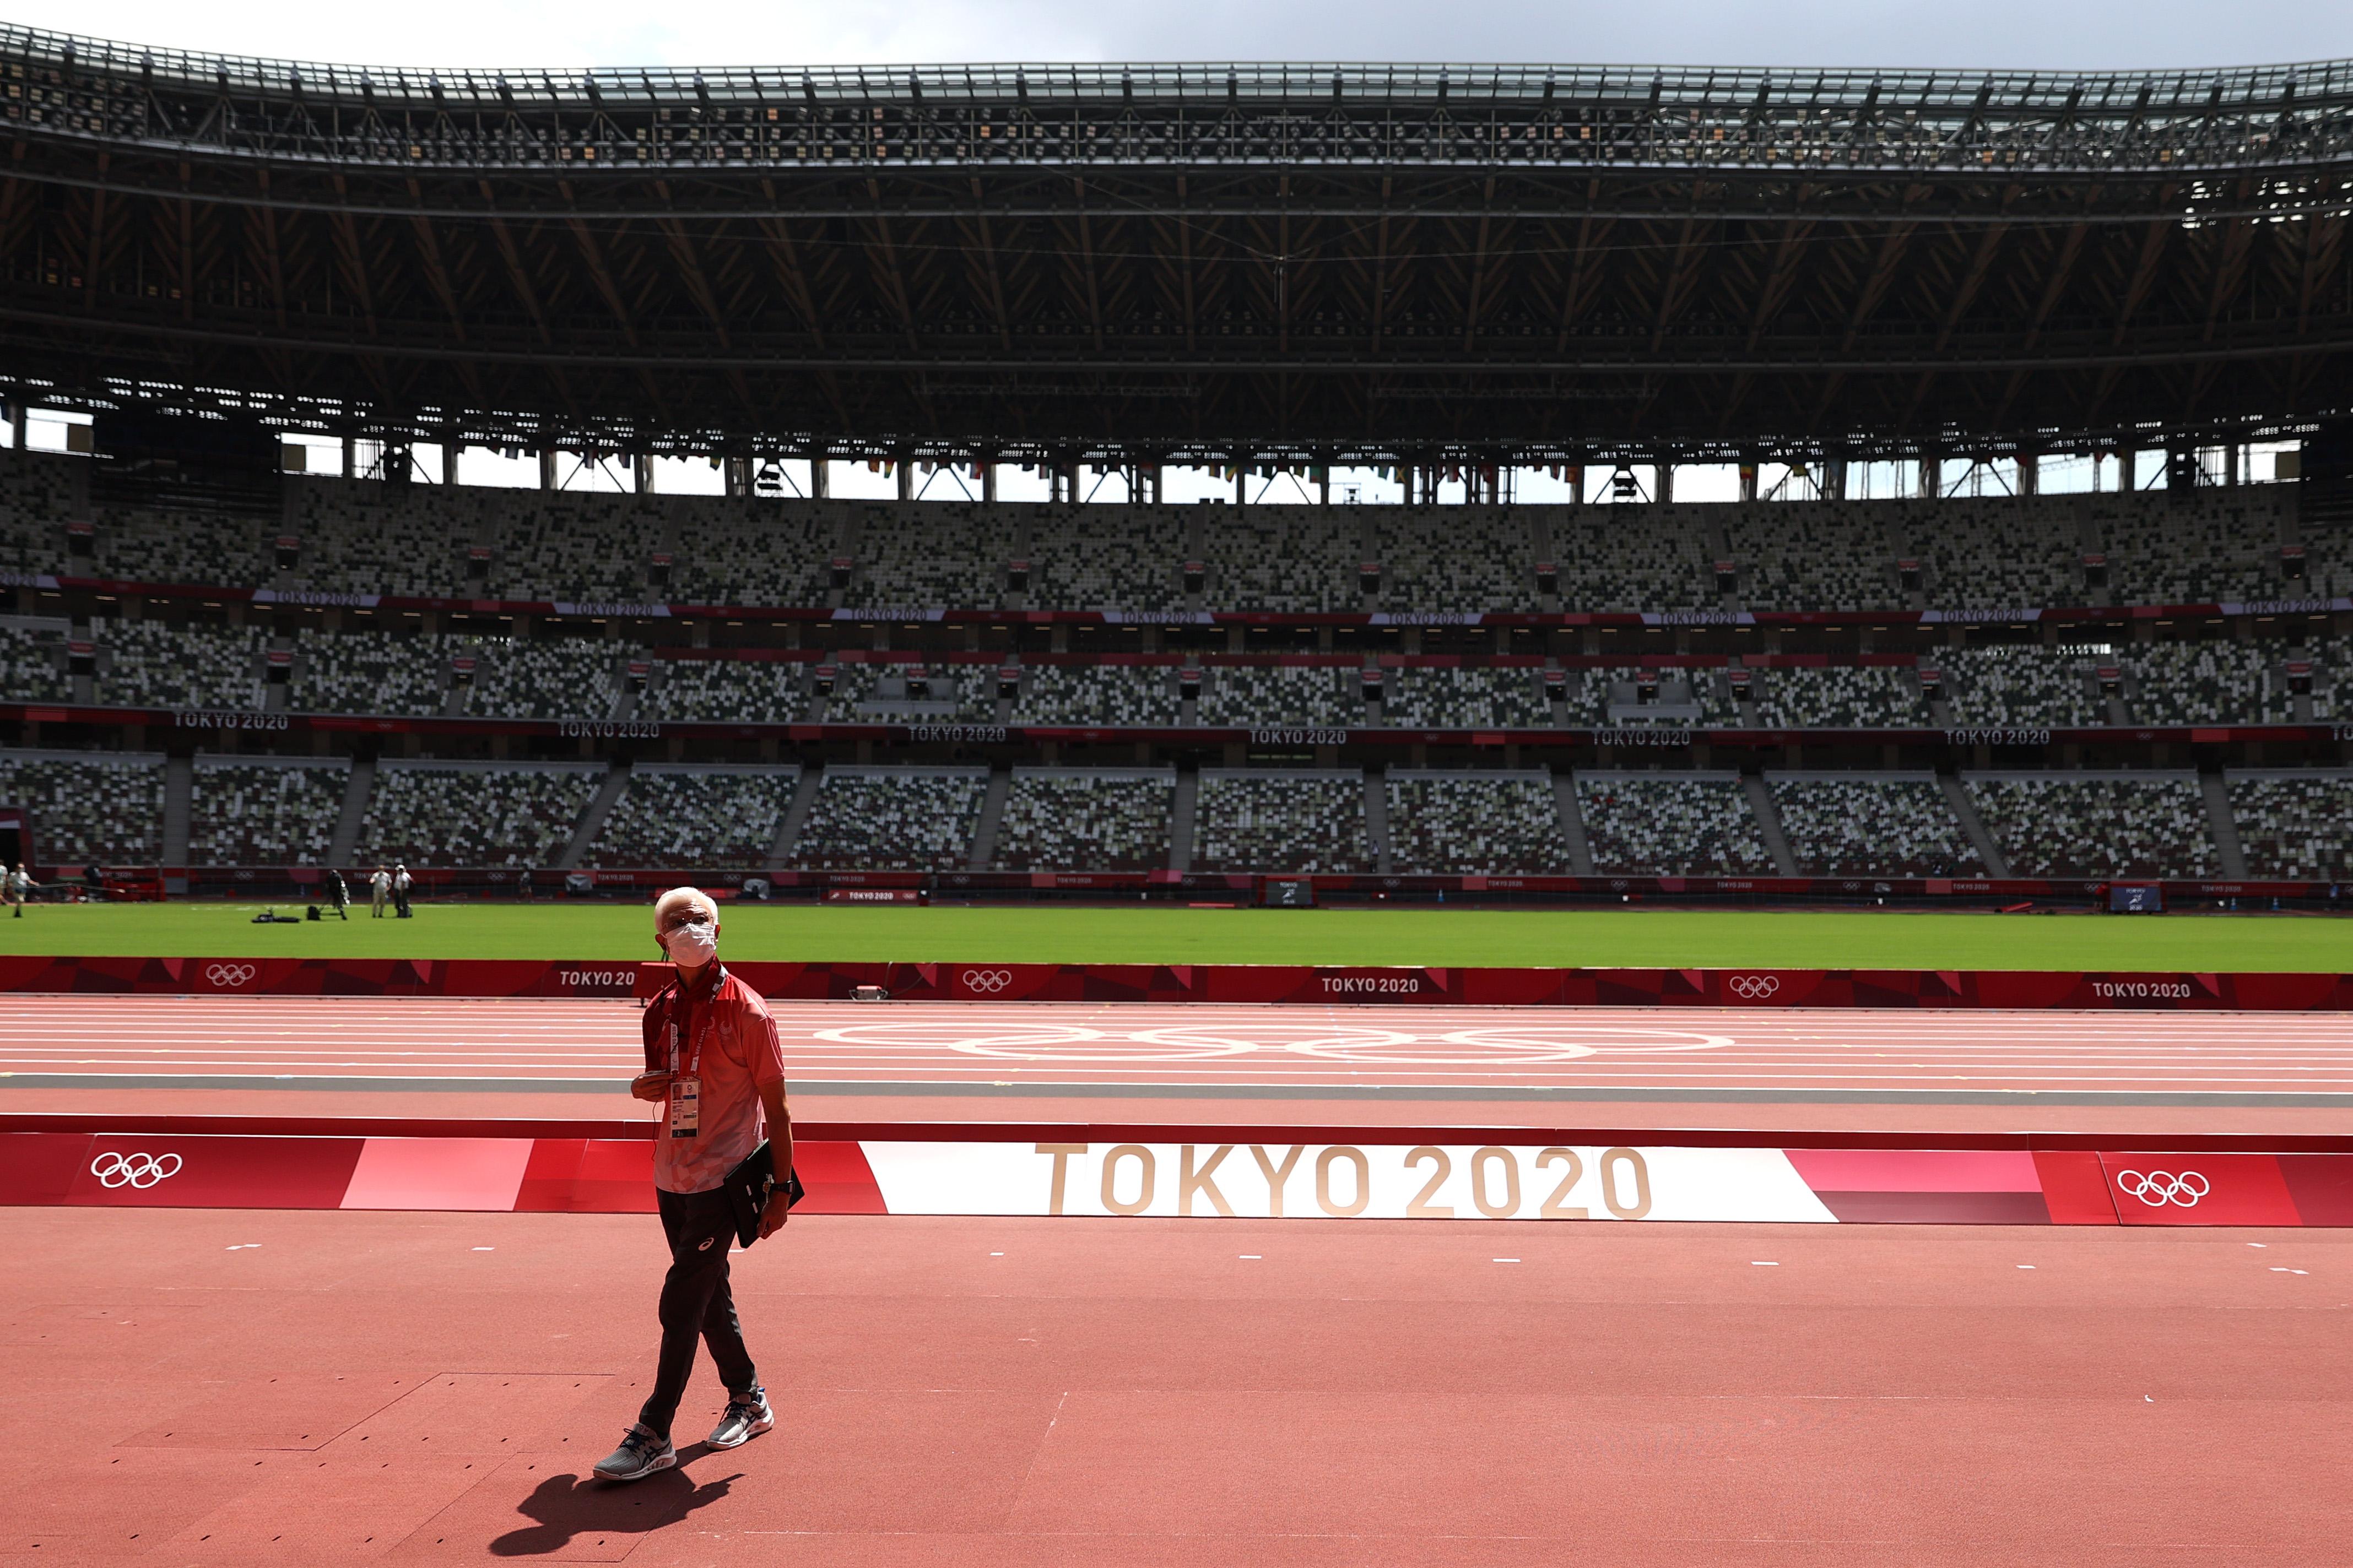 Pessoa com máscara em estádio vazio